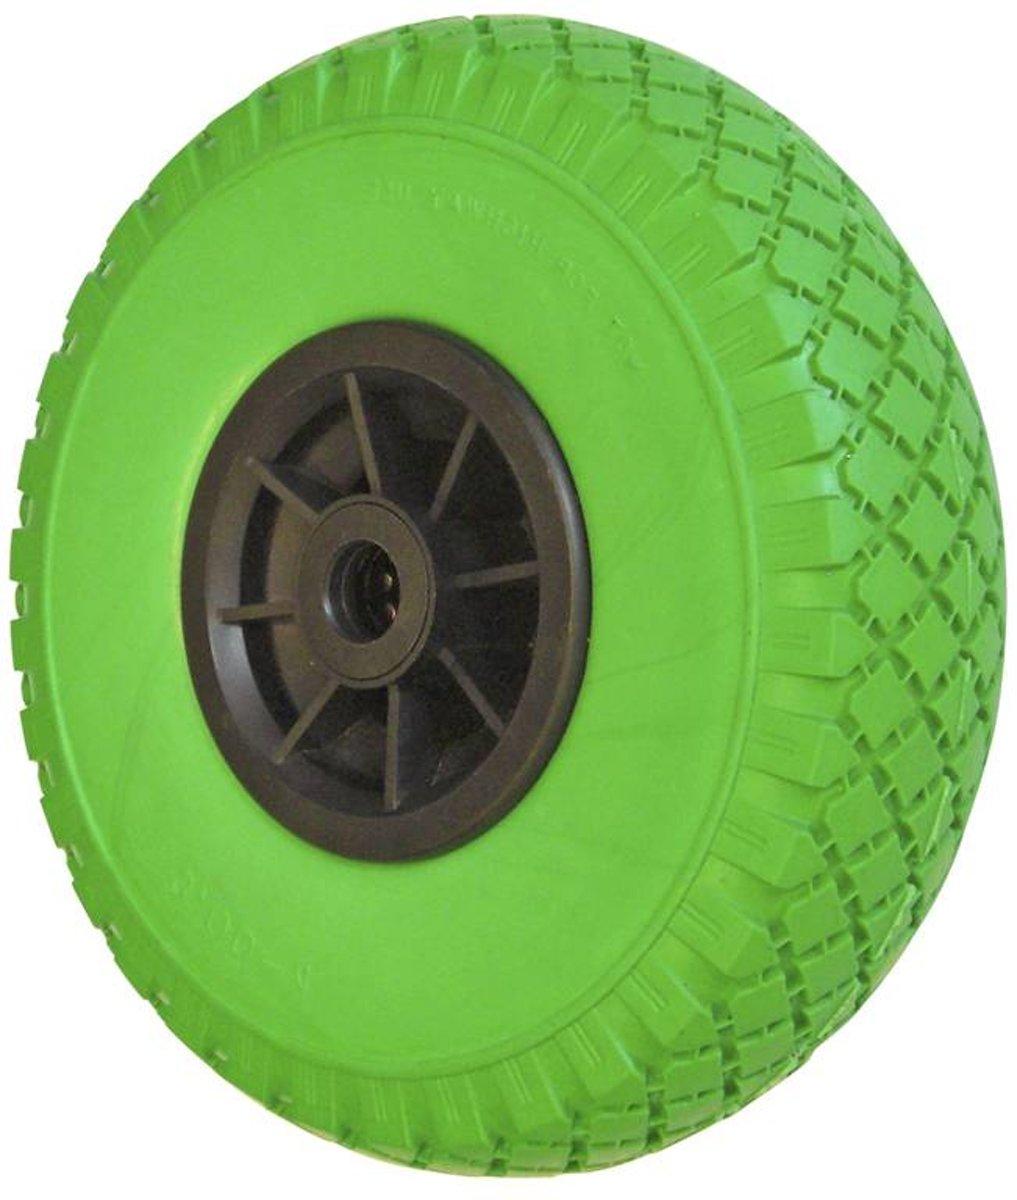 WAGNER System Kruiwagenwielen onverwoestbaar, diameter 260 mm